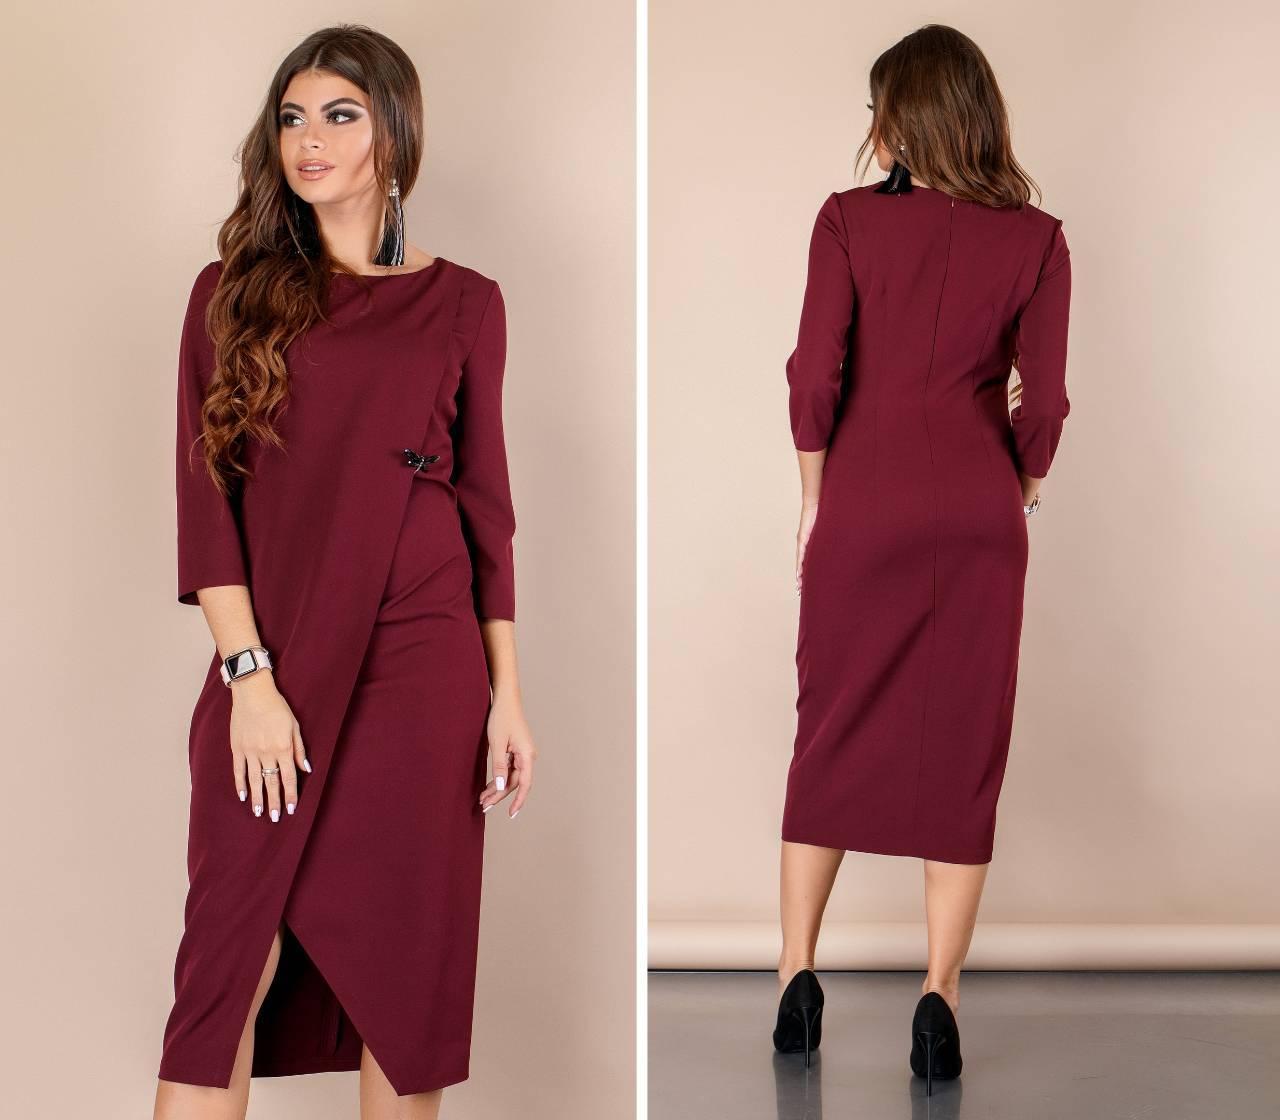 Длинное платье с рукавом ( арт. 131 ), ткань креп, цвет бордо